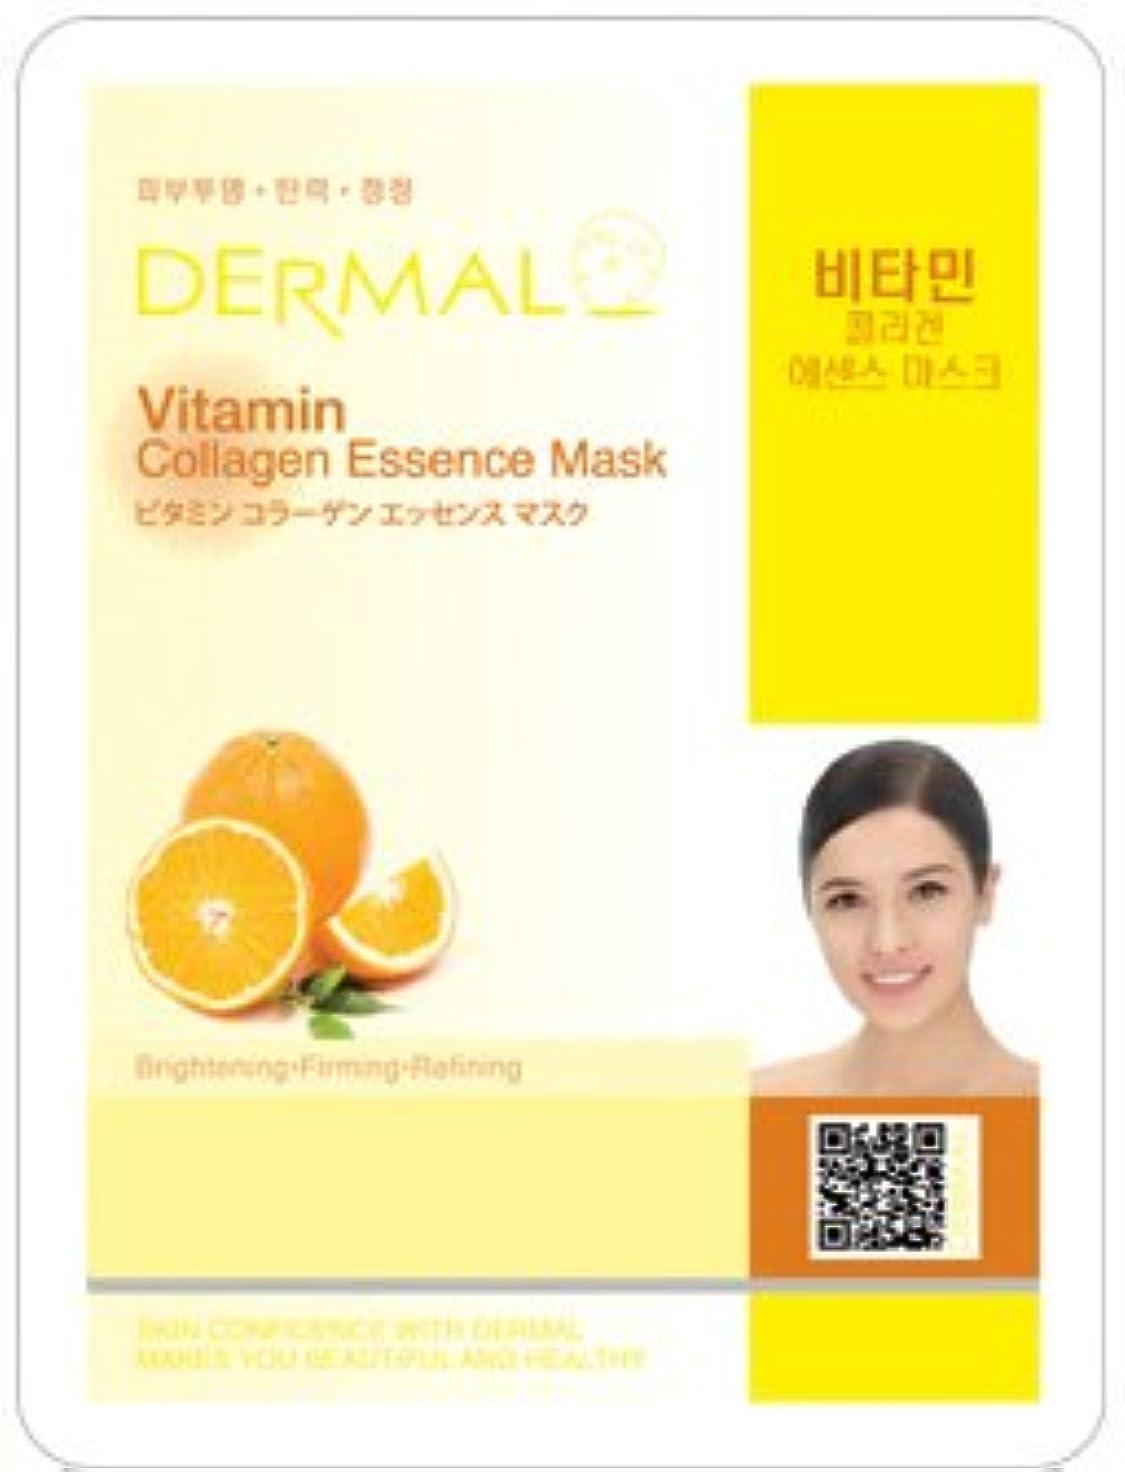 ブロック影ご飯Dermal(ダーマル) シートマスク ビタミン 10枚セット